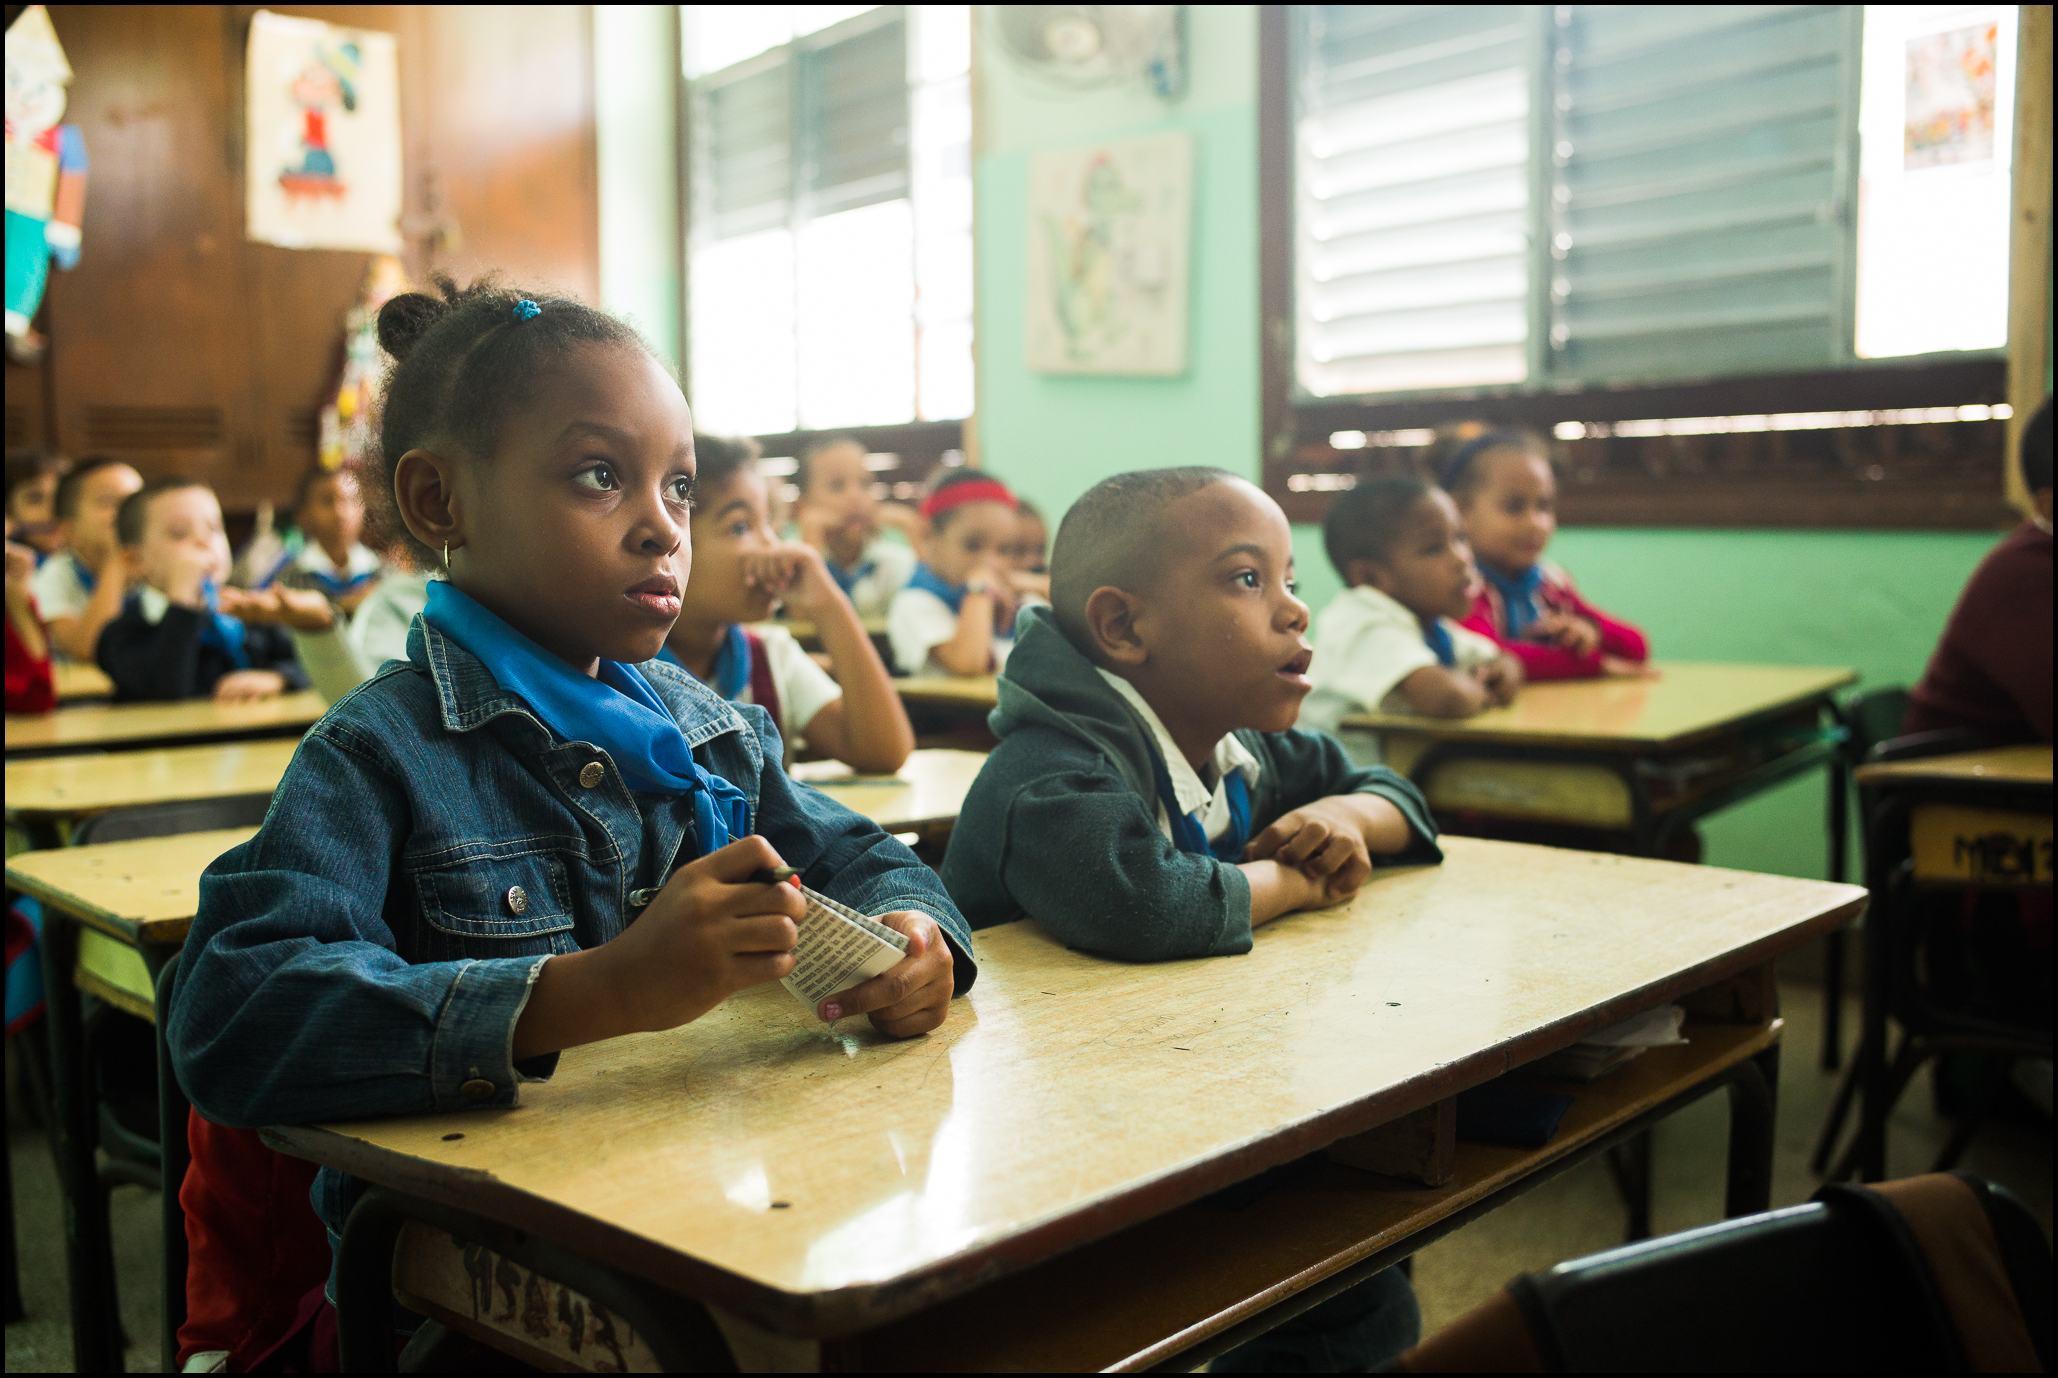 Schoolchildren, Havana